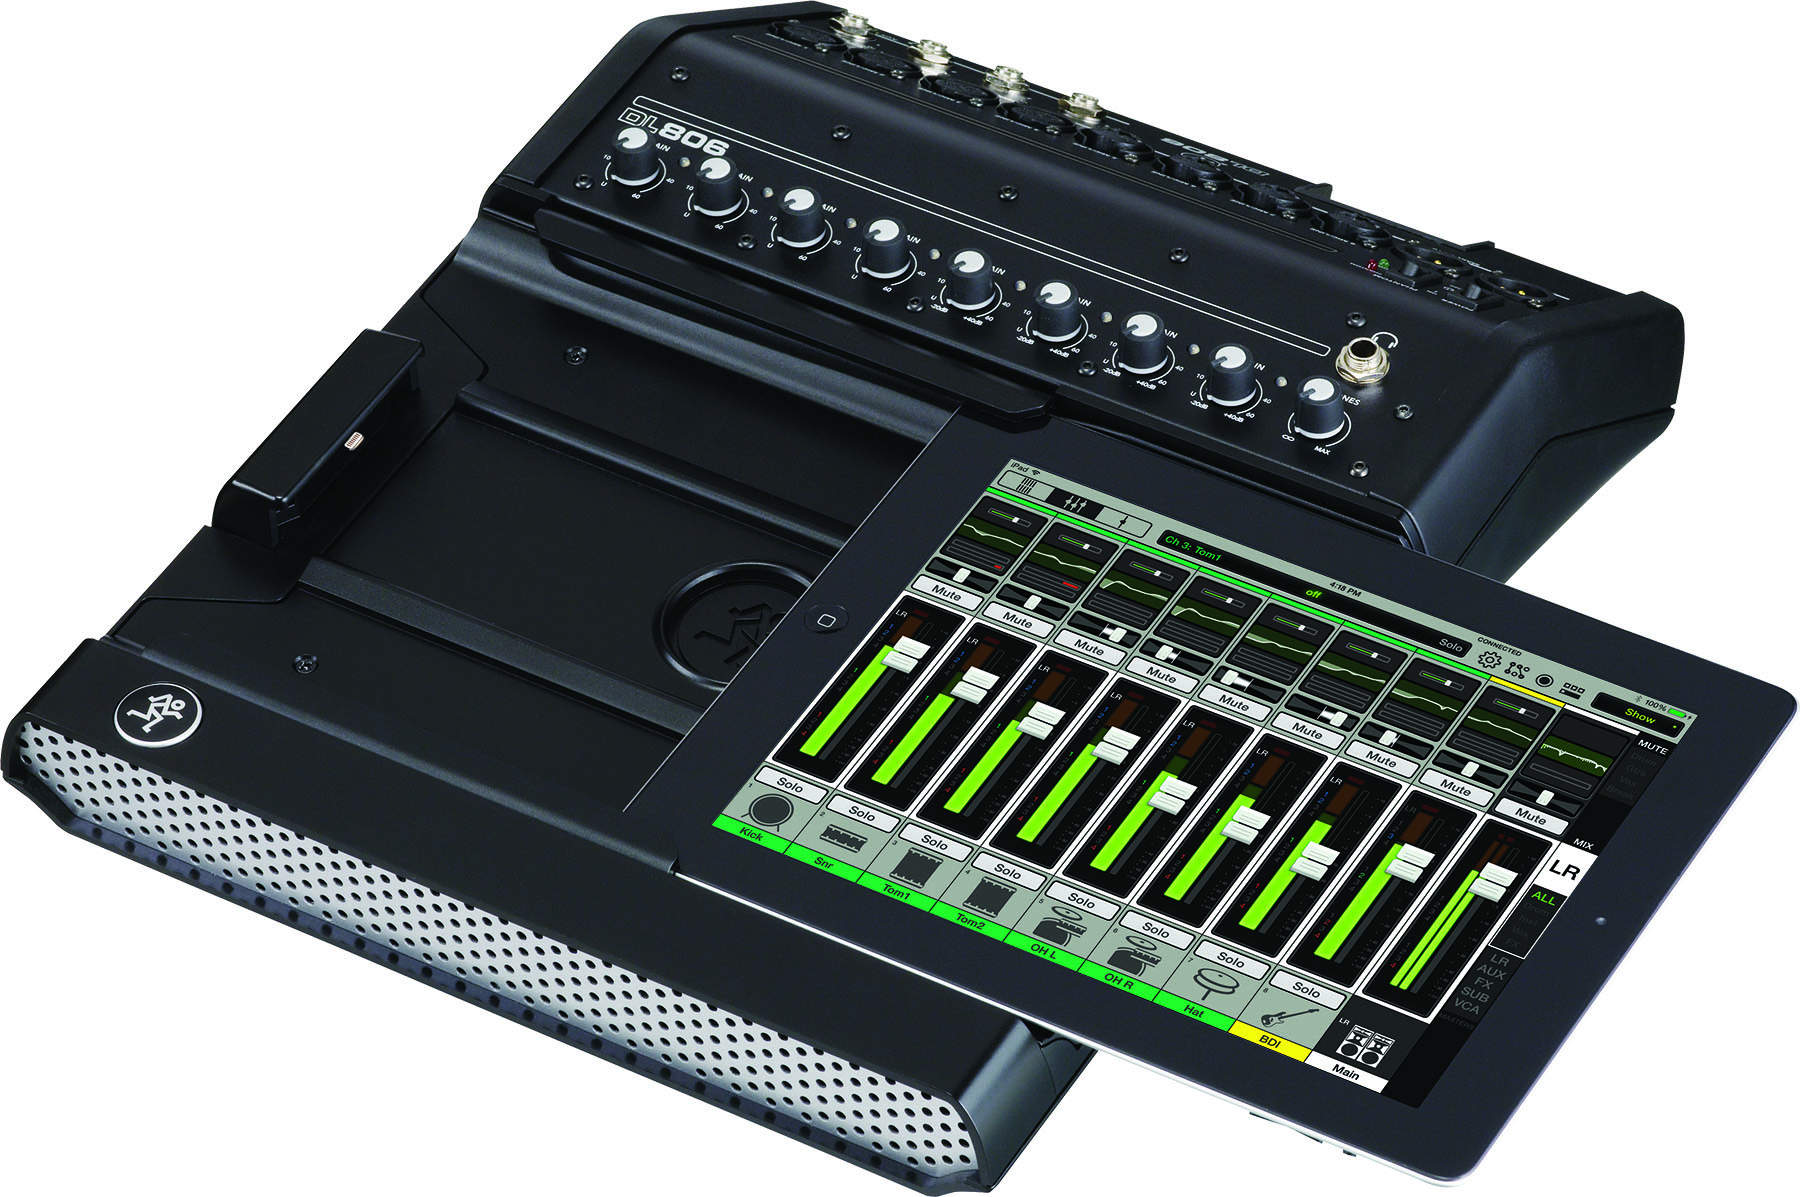 mackie dl806 8 channel digital live mixer. Black Bedroom Furniture Sets. Home Design Ideas